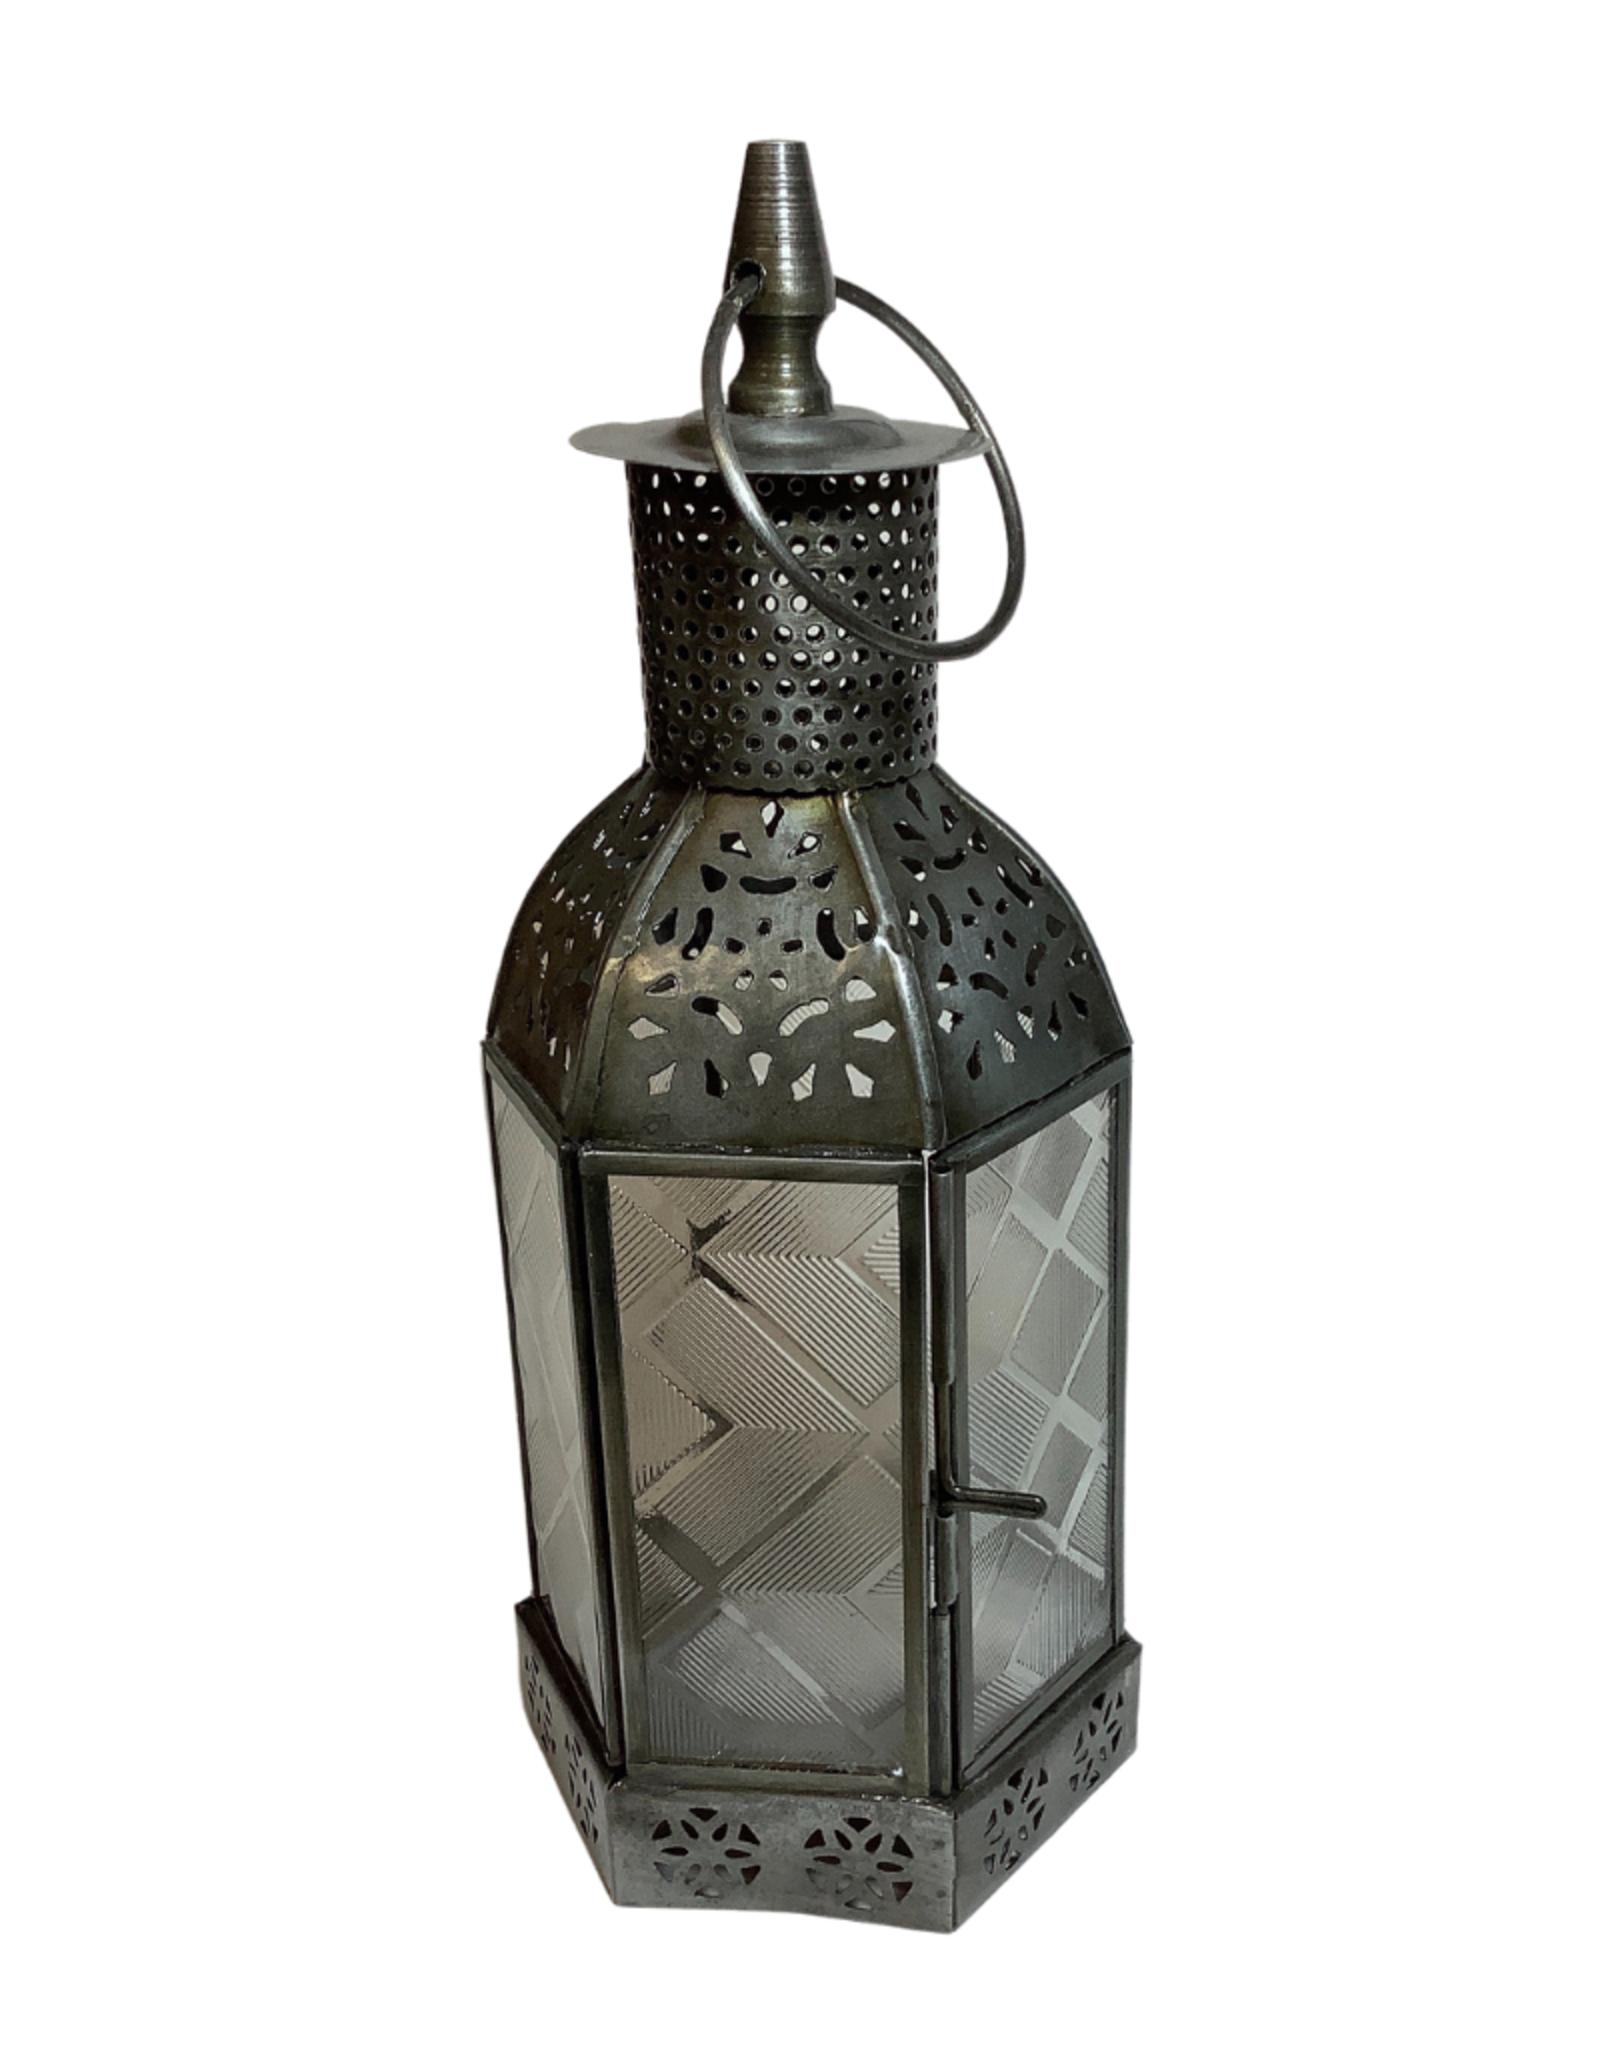 Iron and Glass Hexagon Lantern